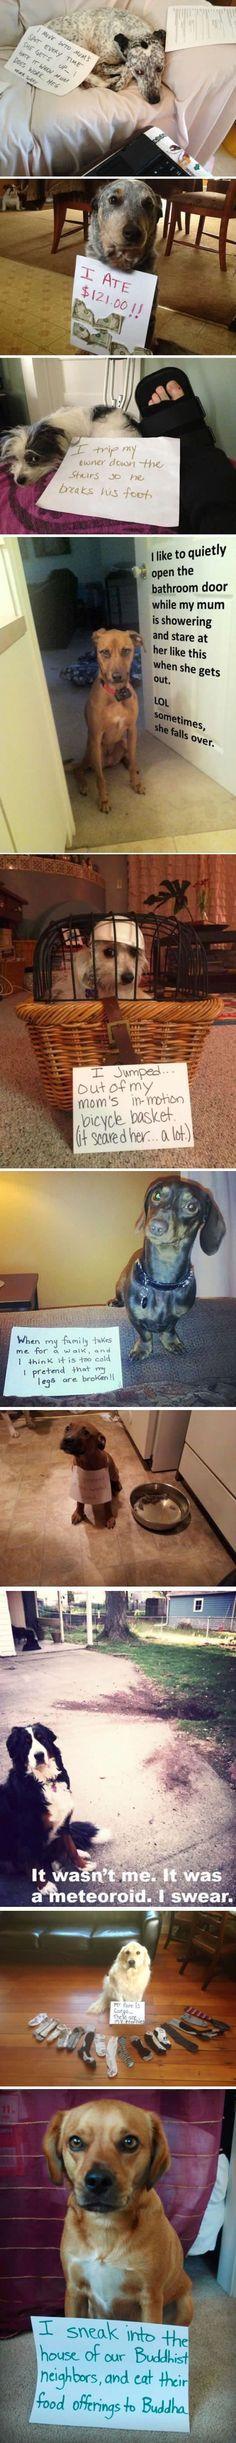 so funny!!!!